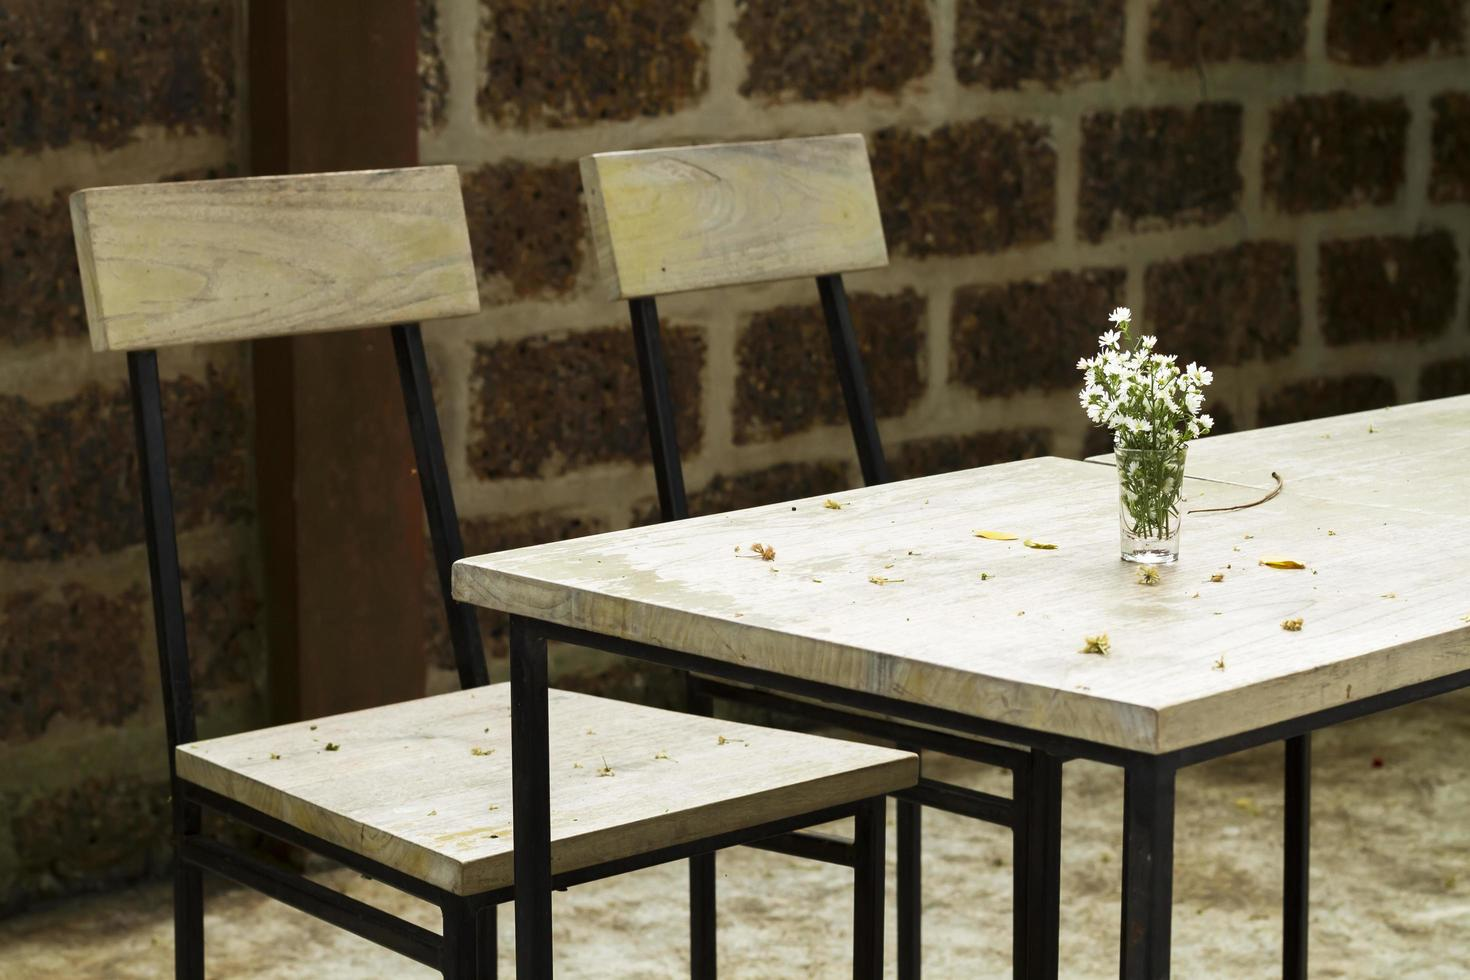 glas med blommor på vintage träbord foto